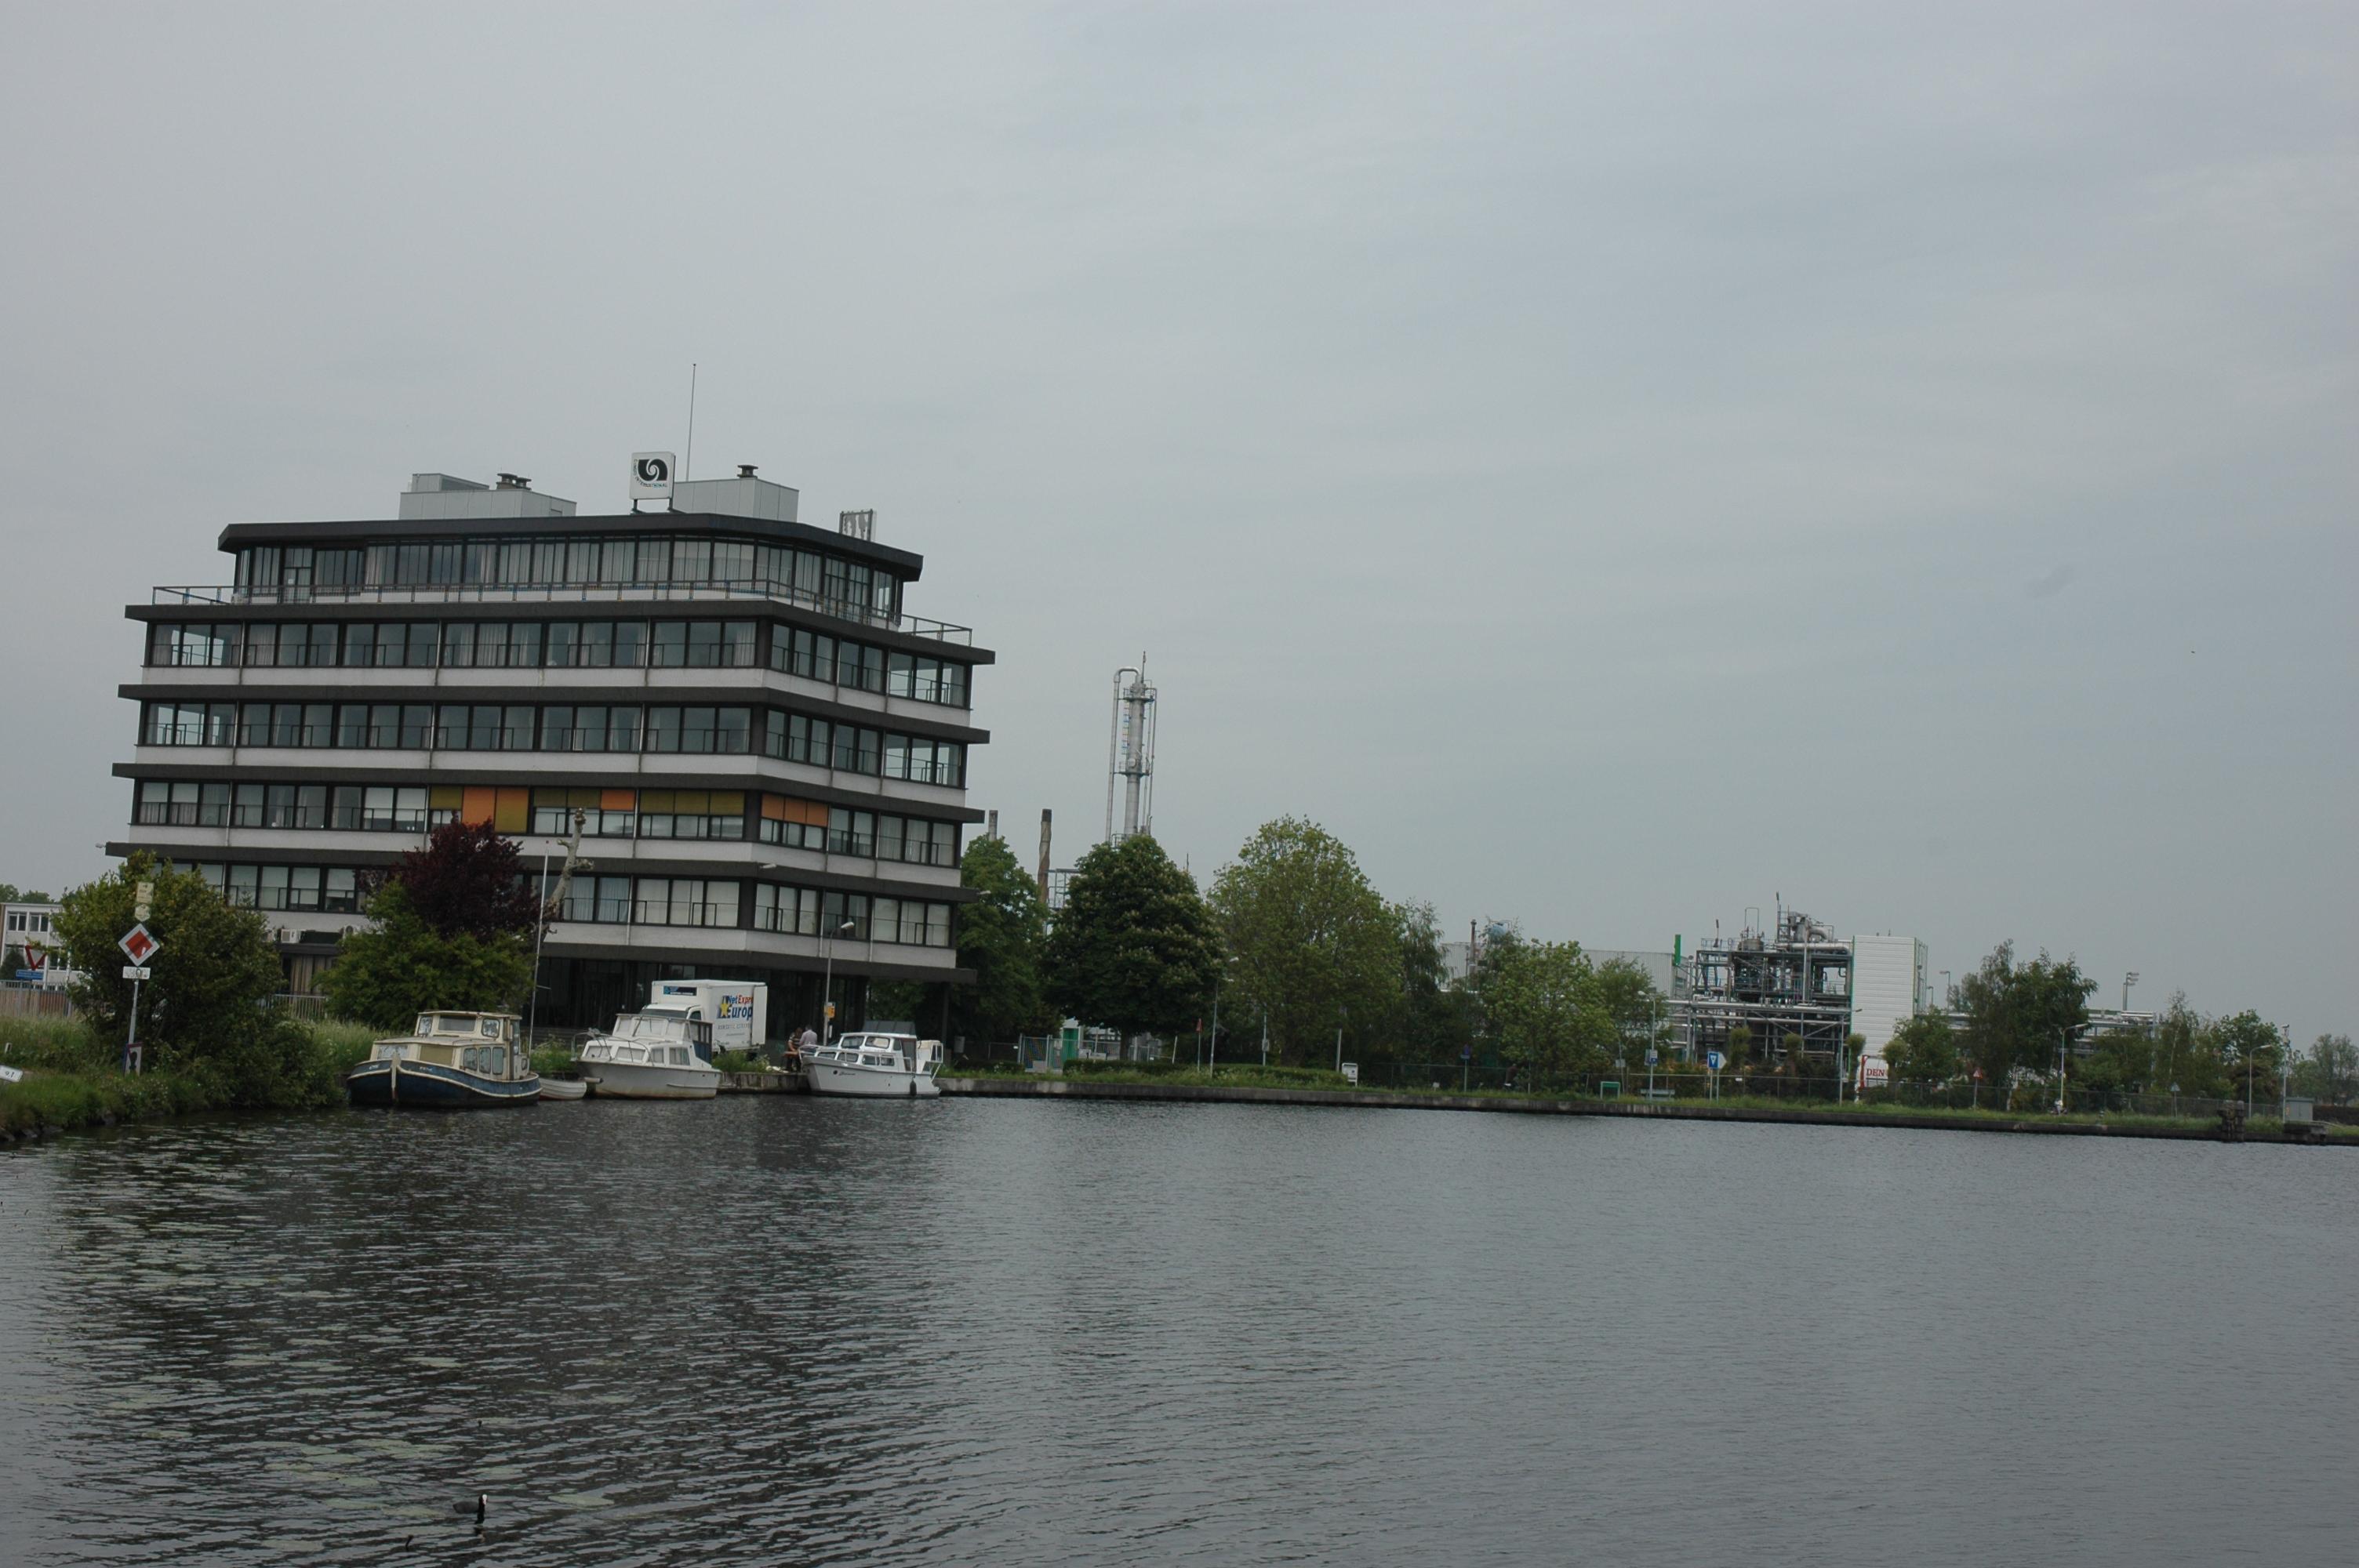 File:Cindu Uithoorn - panoramio jpg - Wikimedia Commons